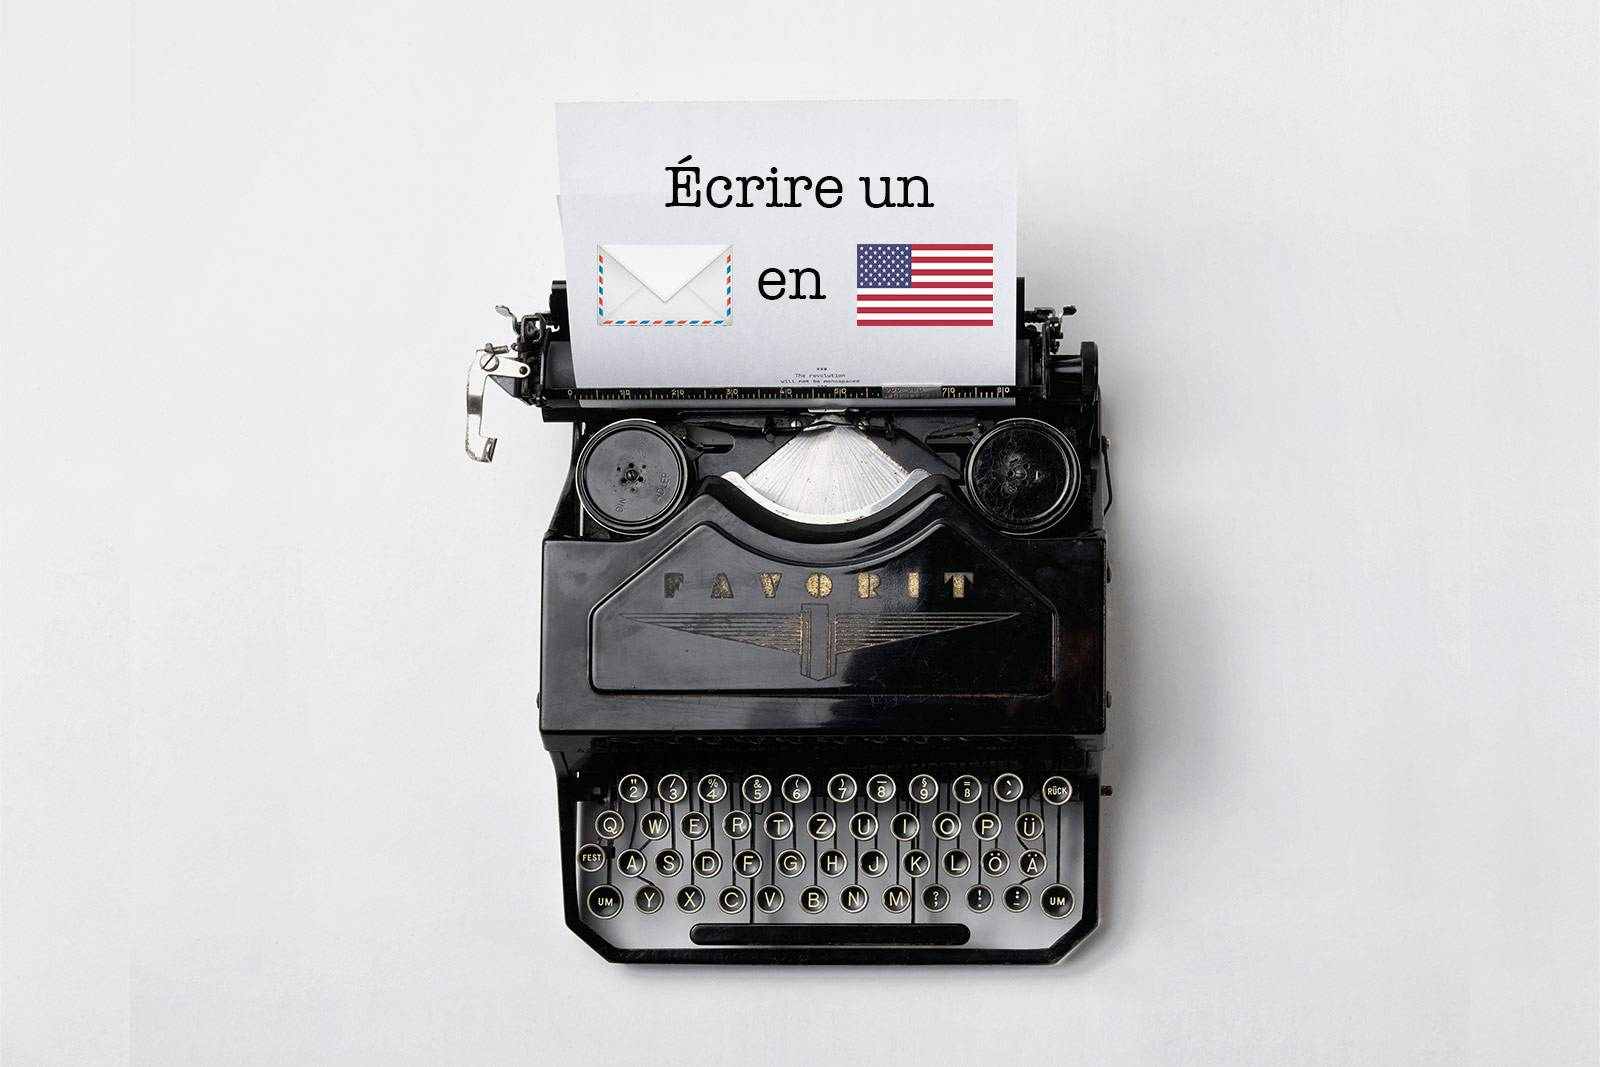 Comment Ecrire Un Mail En Anglais Exemples Pour Commencer Rediger